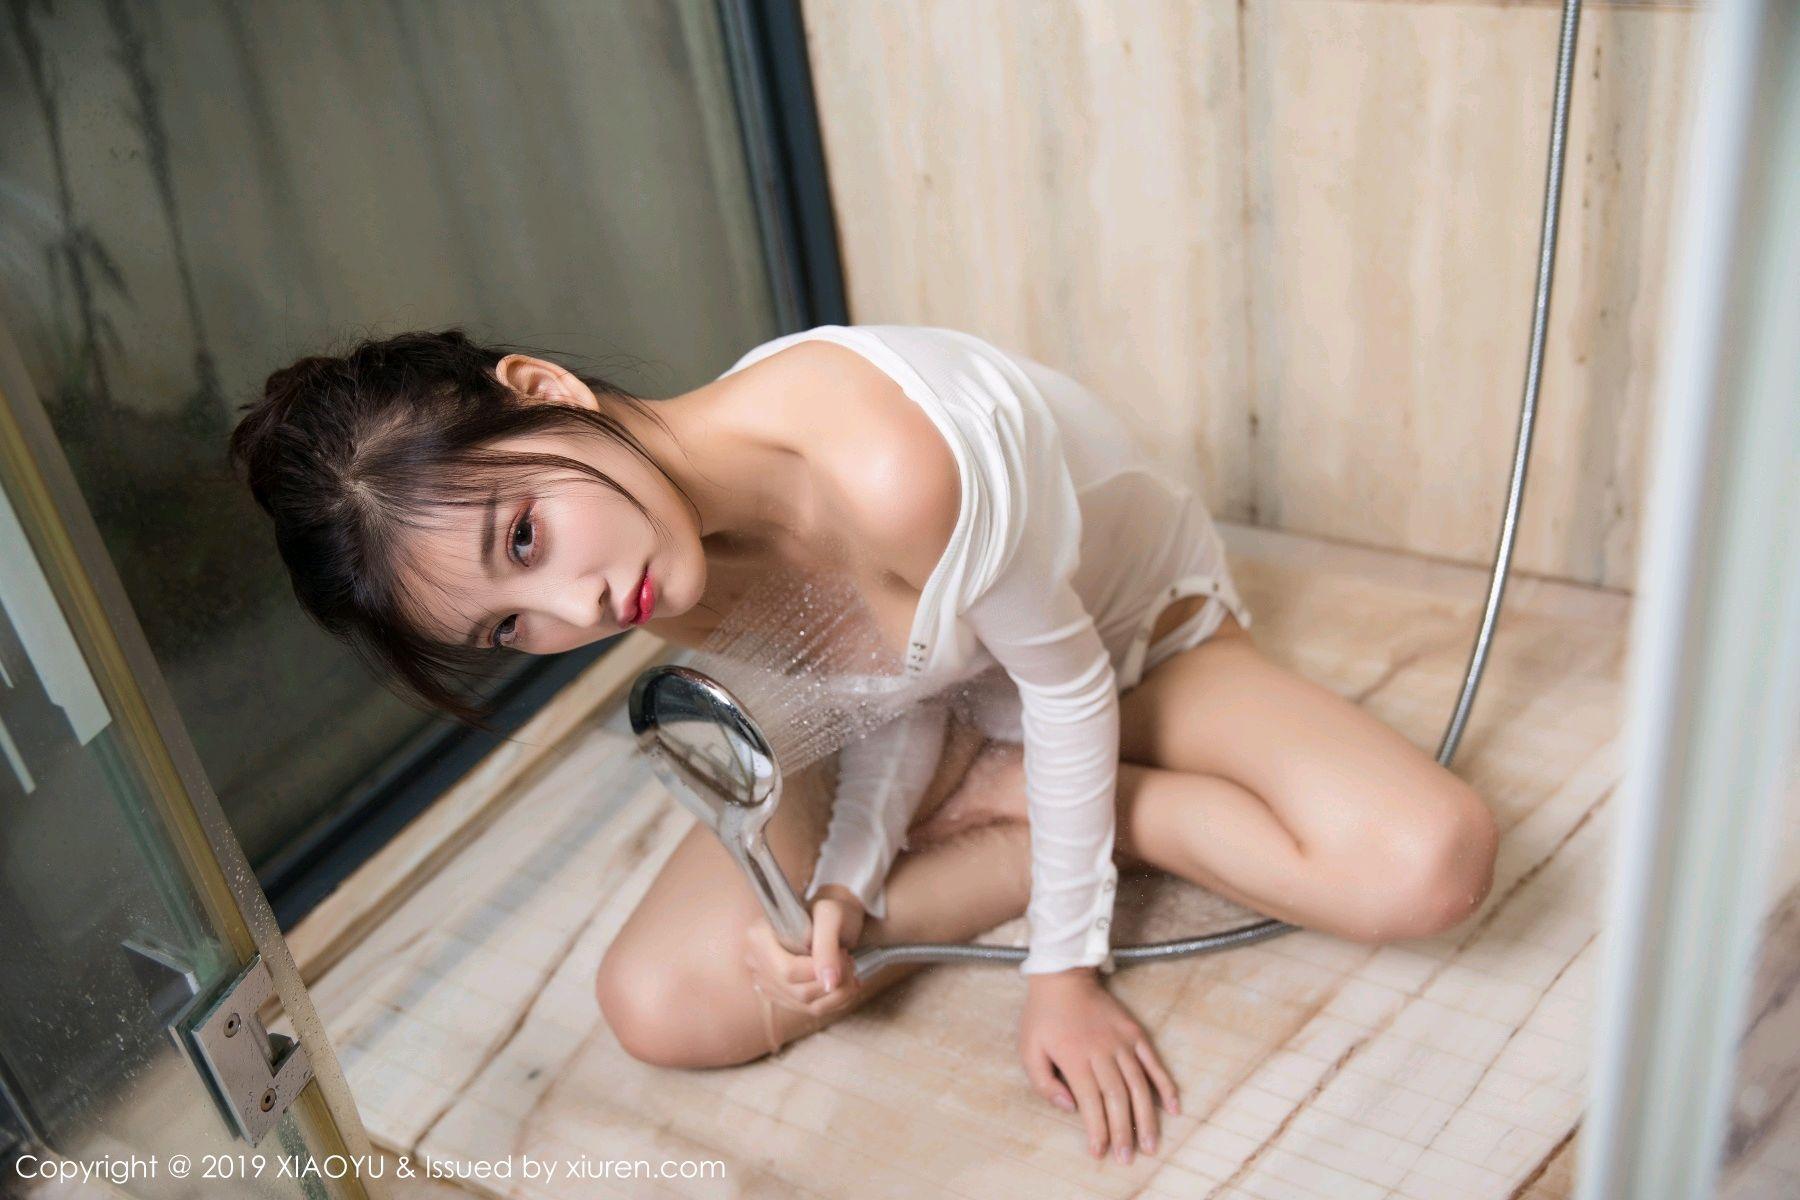 [XiaoYu] Vol.025 Yang Chen Chen 38P, Bathroom, Wet, XiaoYu, Yang Chen Chen